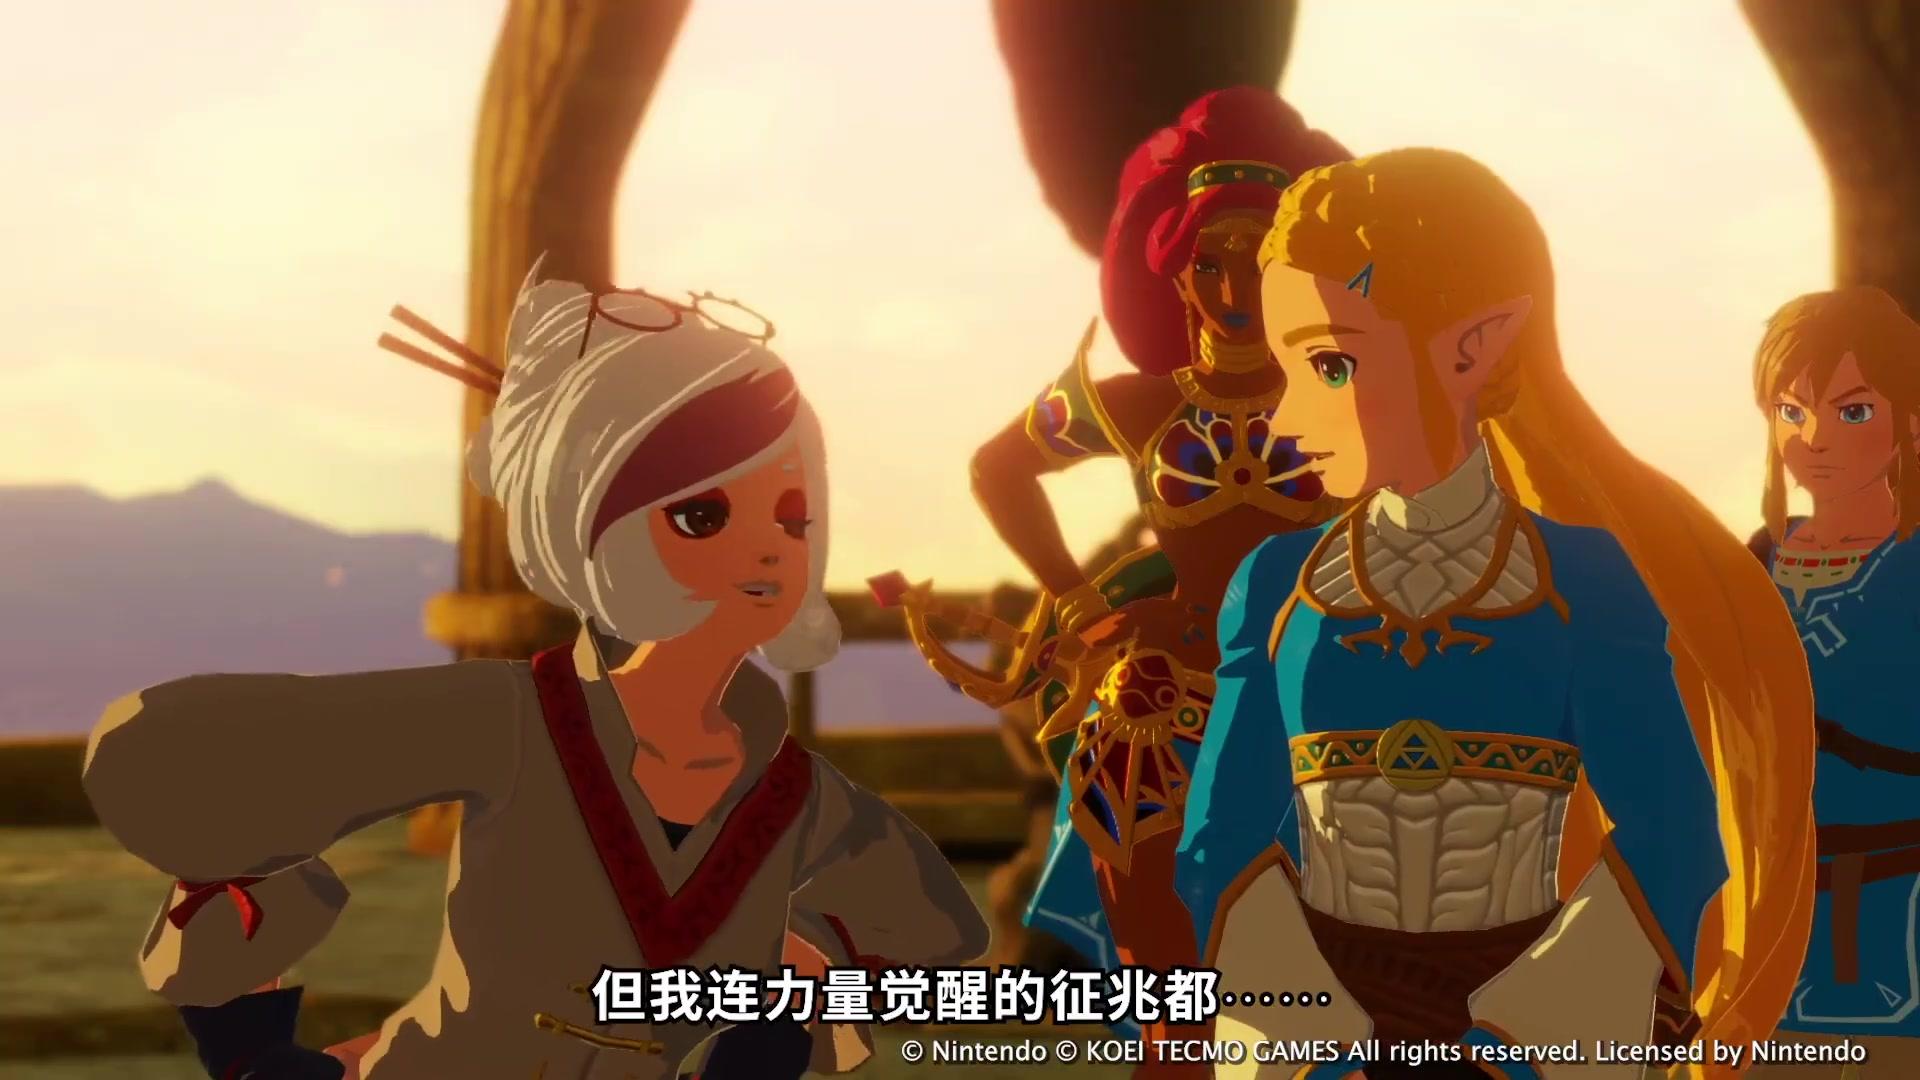 《塞尔达无双:灾厄启示录》中文上市预告片公布